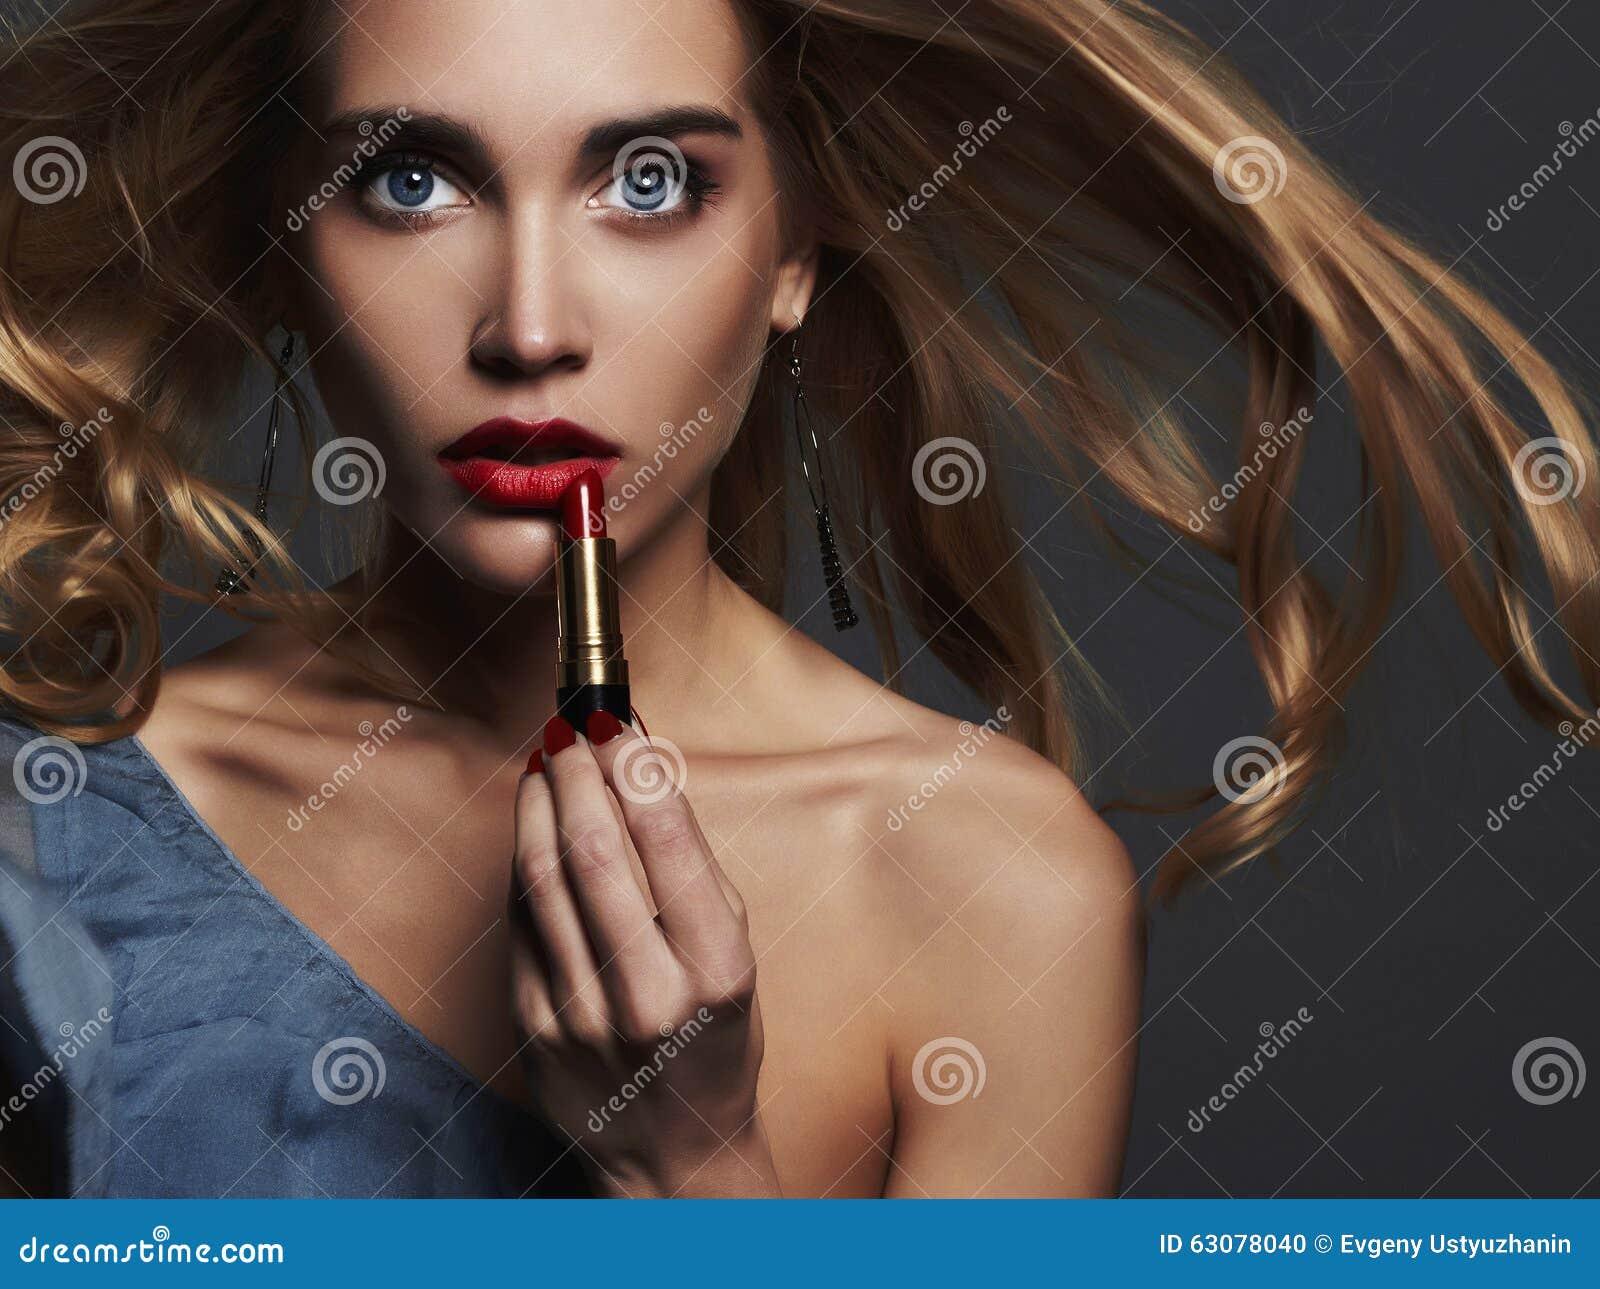 Download Belle Fille Avec Les Languettes Rouges Jeune Femme Mettant Lipstic Rouge Photo stock - Image du âge, tête: 63078040